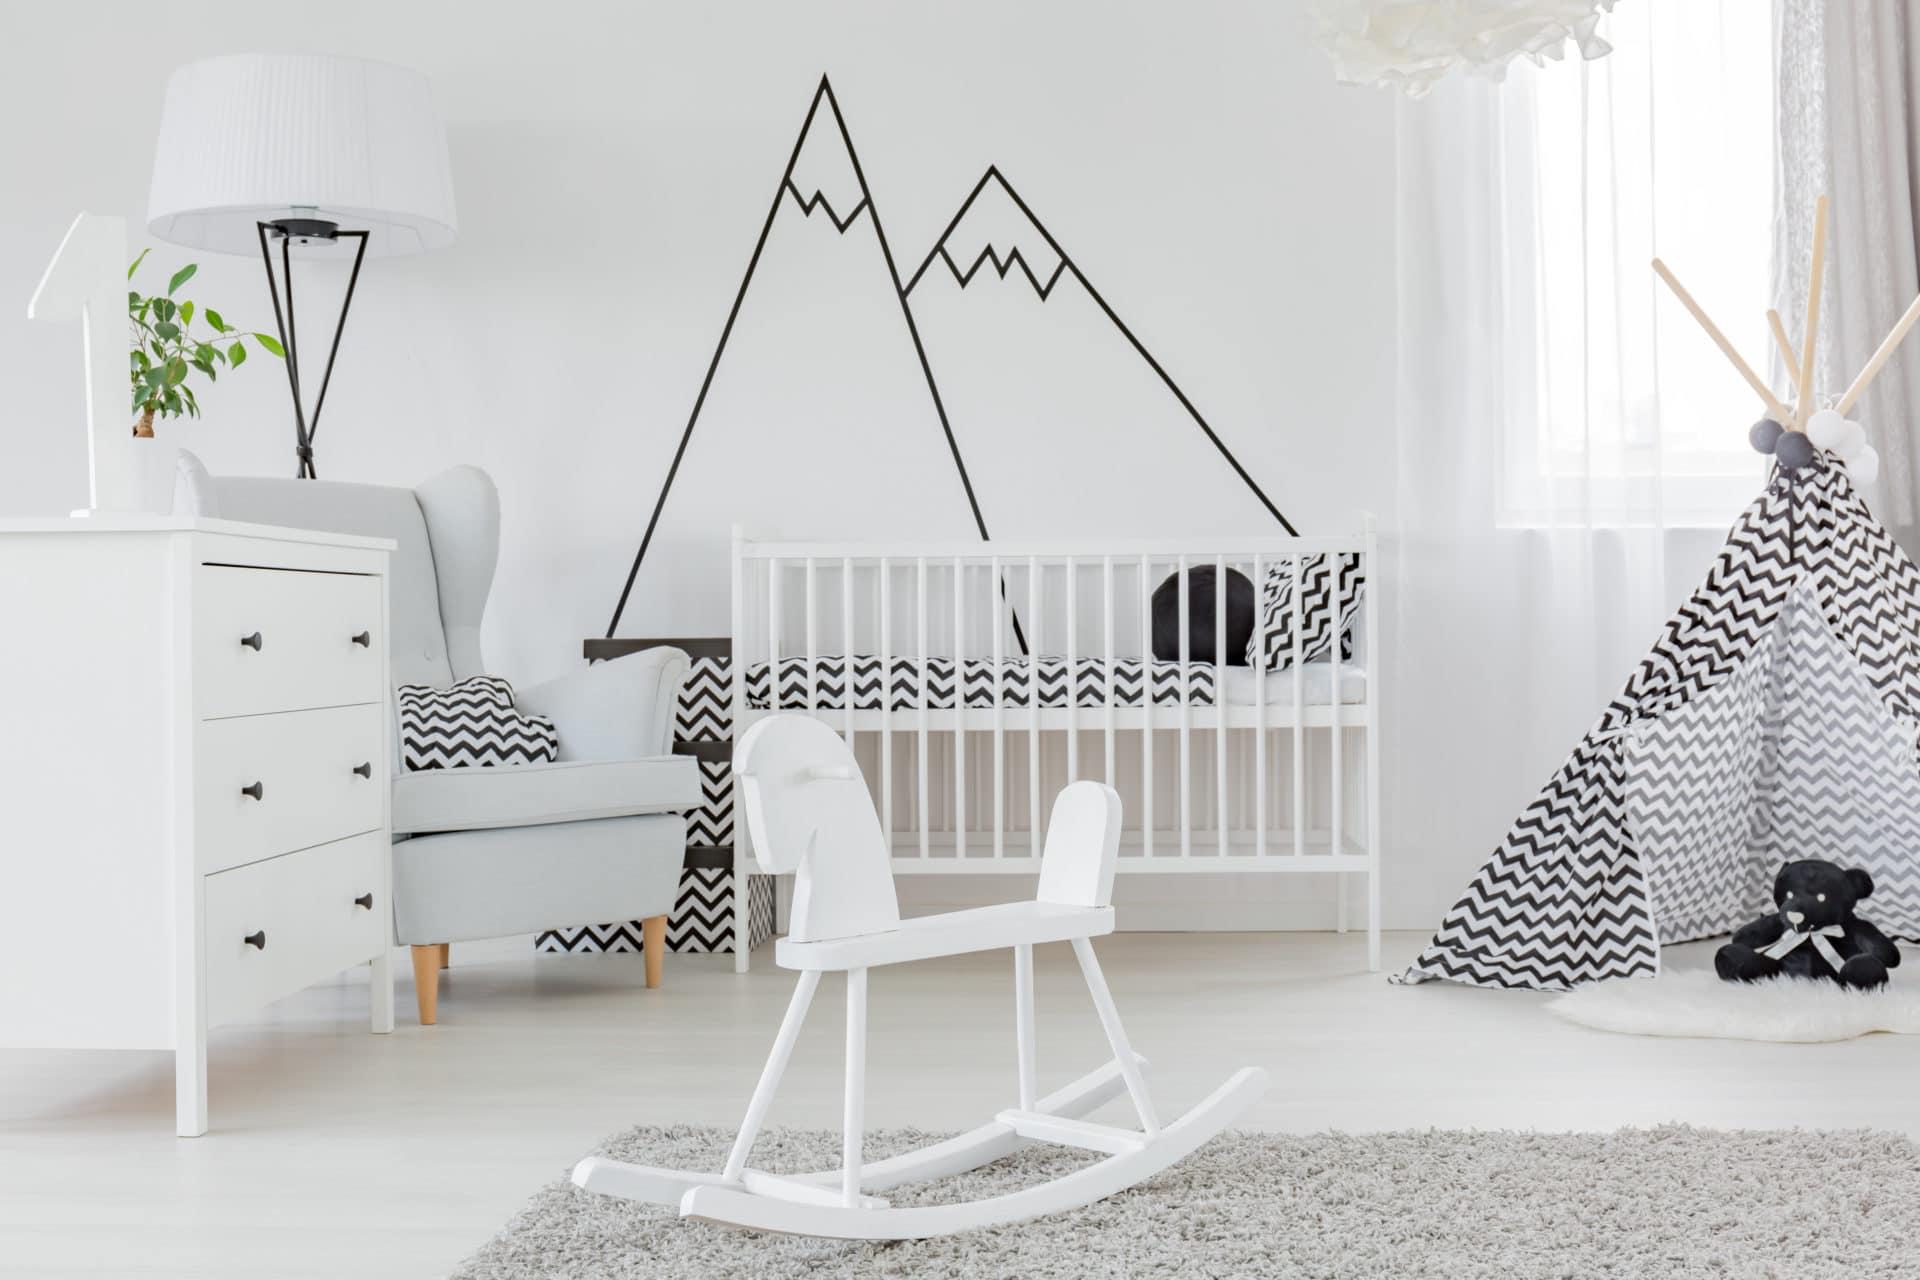 Idee De Deco Pour Chambre noir et blanc : idées déco pour chambre bébé & enfant - un